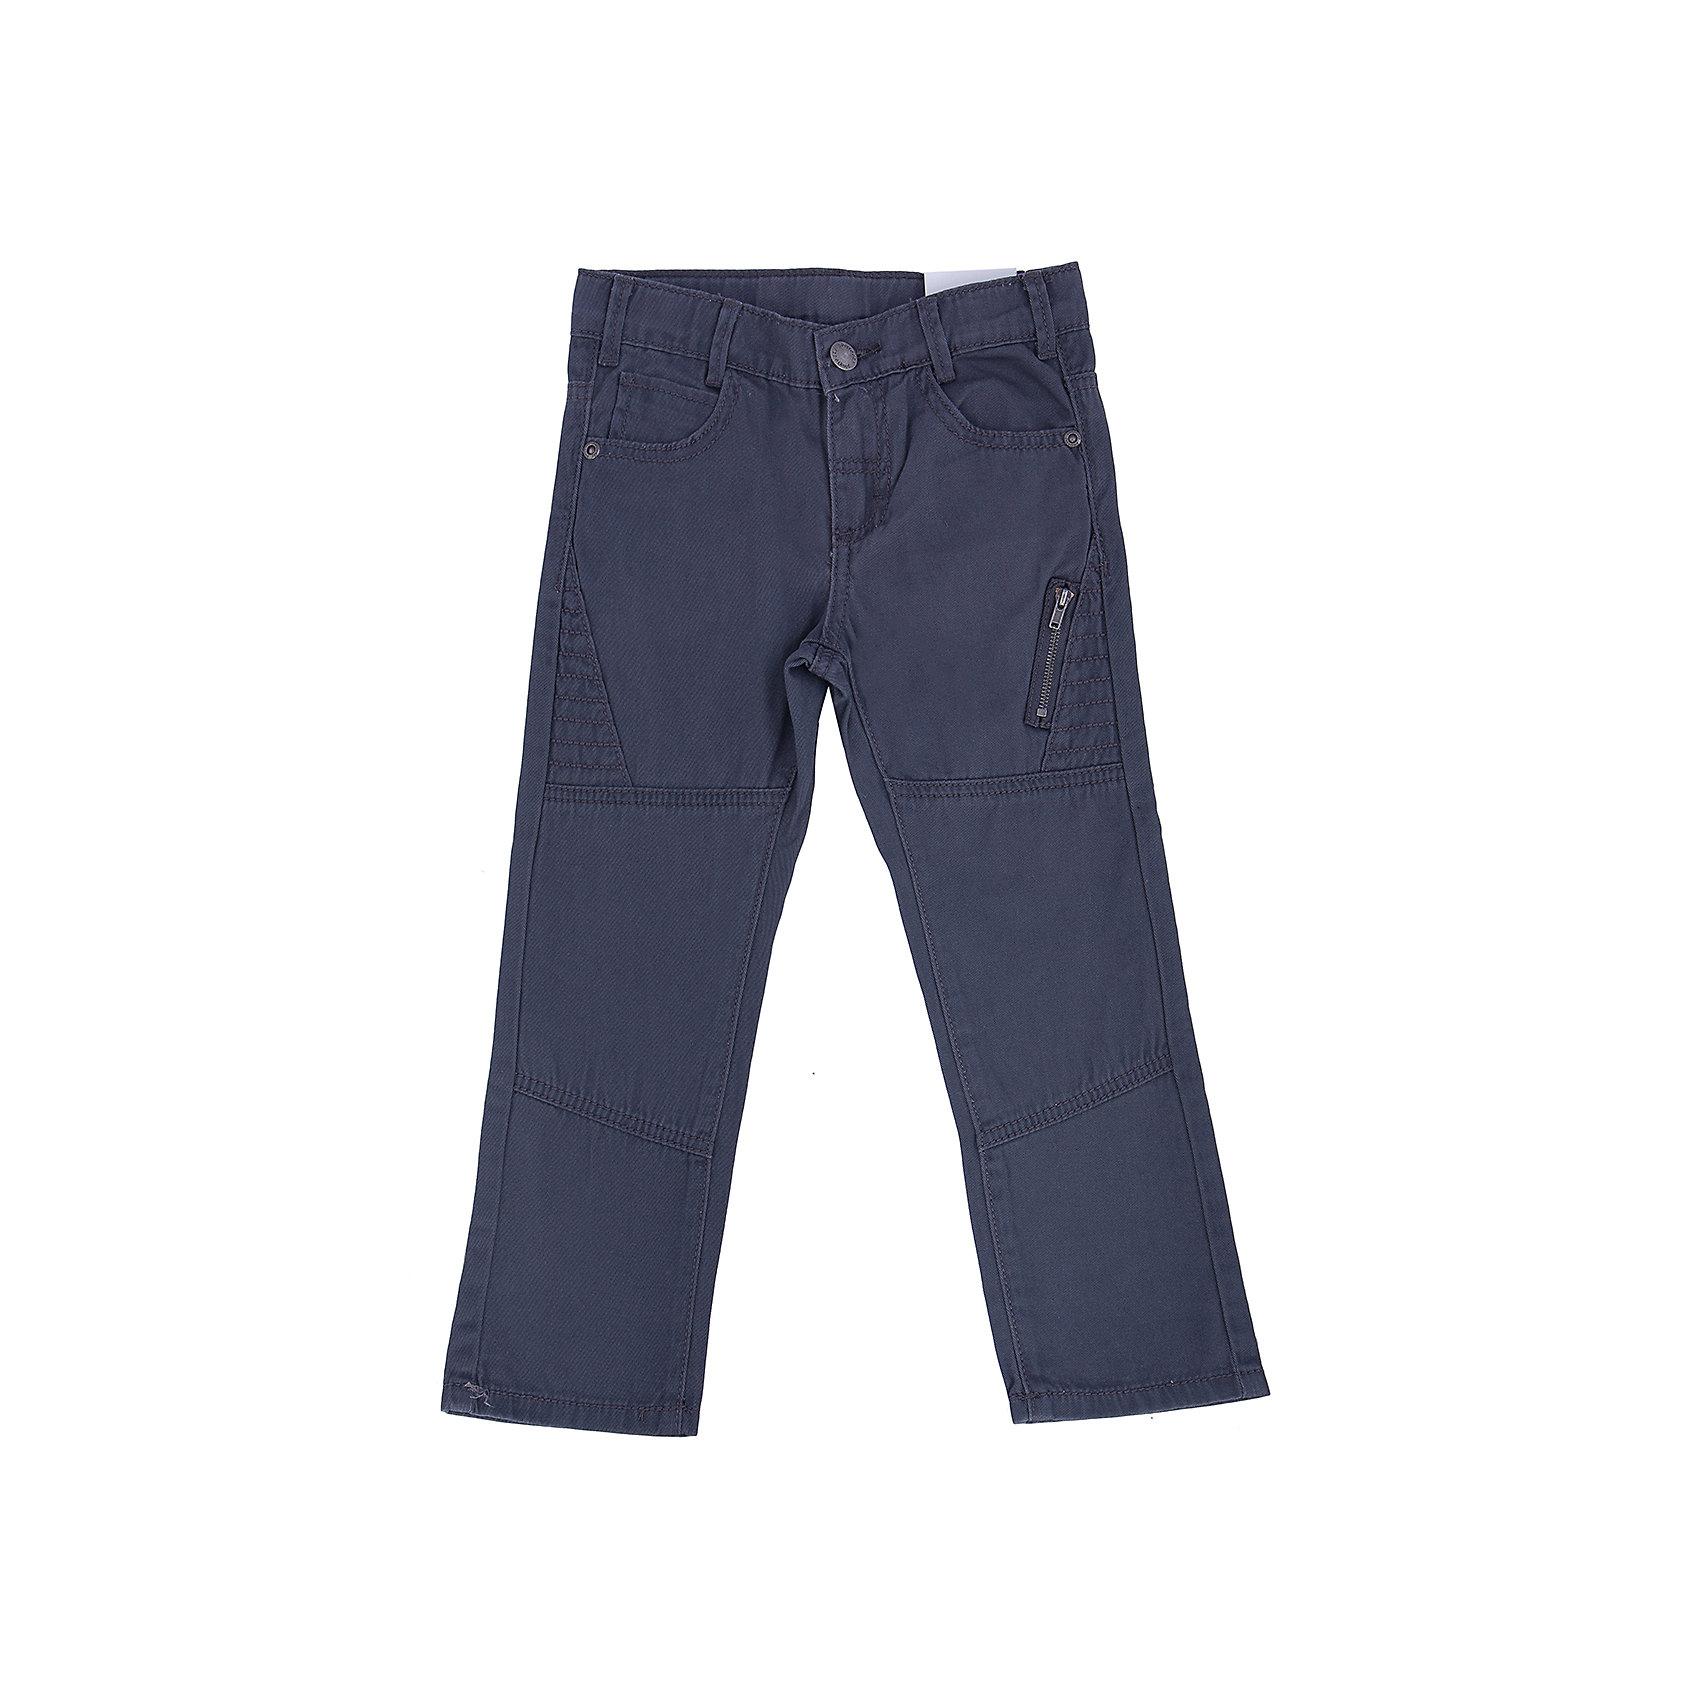 Брюки для мальчика PlayTodayБрюки<br>Брюки для мальчика от известного бренда PlayToday.<br>Стильные твиловые брюки графитового цвета. Классическая пятикарманка. Застегиваются на молнию и пуговицу, есть шлевки для ремня. Украшены декоративным карманом на молнии.<br>Состав:<br>100% хлопок<br><br>Ширина мм: 215<br>Глубина мм: 88<br>Высота мм: 191<br>Вес г: 336<br>Цвет: серый<br>Возраст от месяцев: 72<br>Возраст до месяцев: 84<br>Пол: Мужской<br>Возраст: Детский<br>Размер: 122,104,128,110,116,98<br>SKU: 4896766